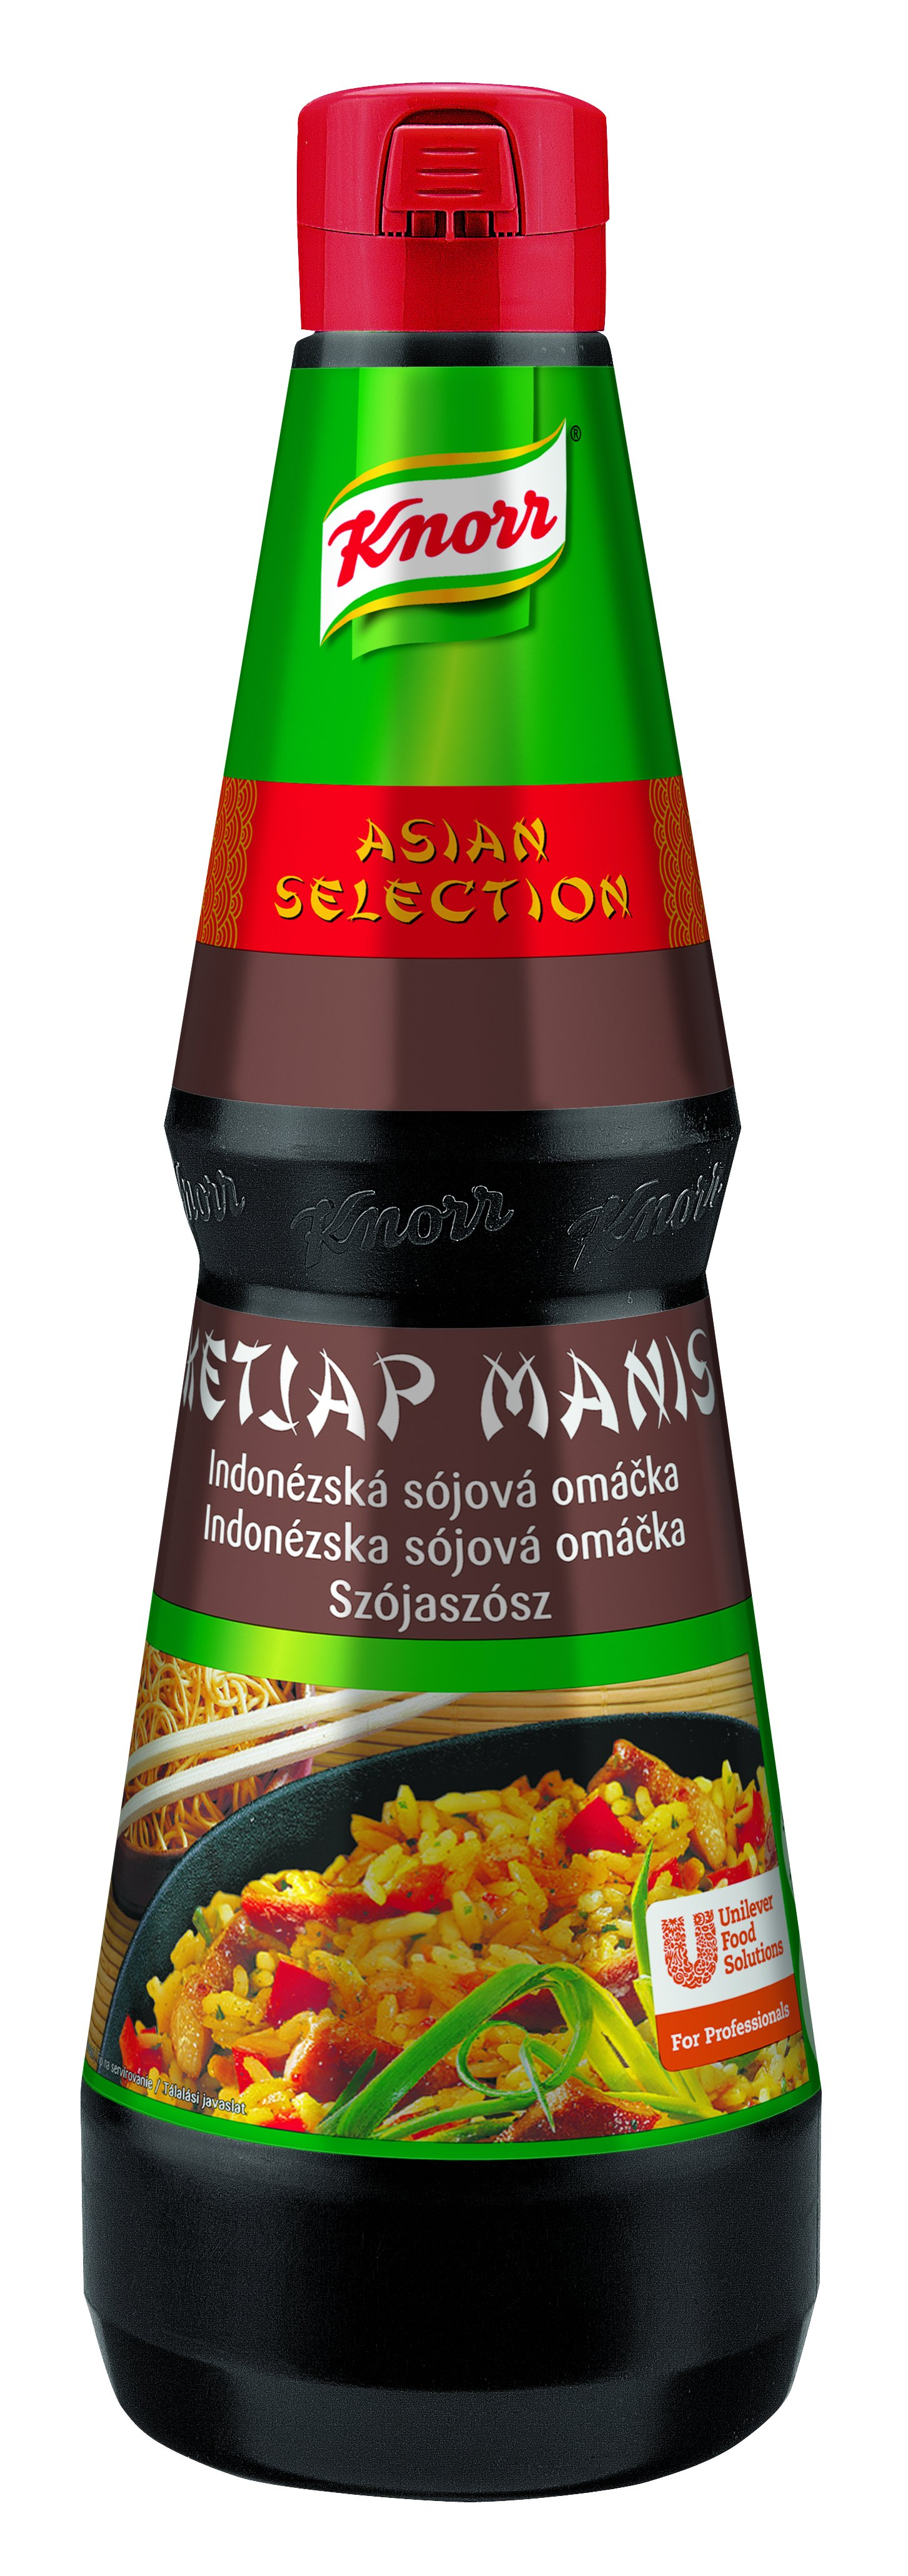 Knorr Ketjap Manis sójová omáčka 1L